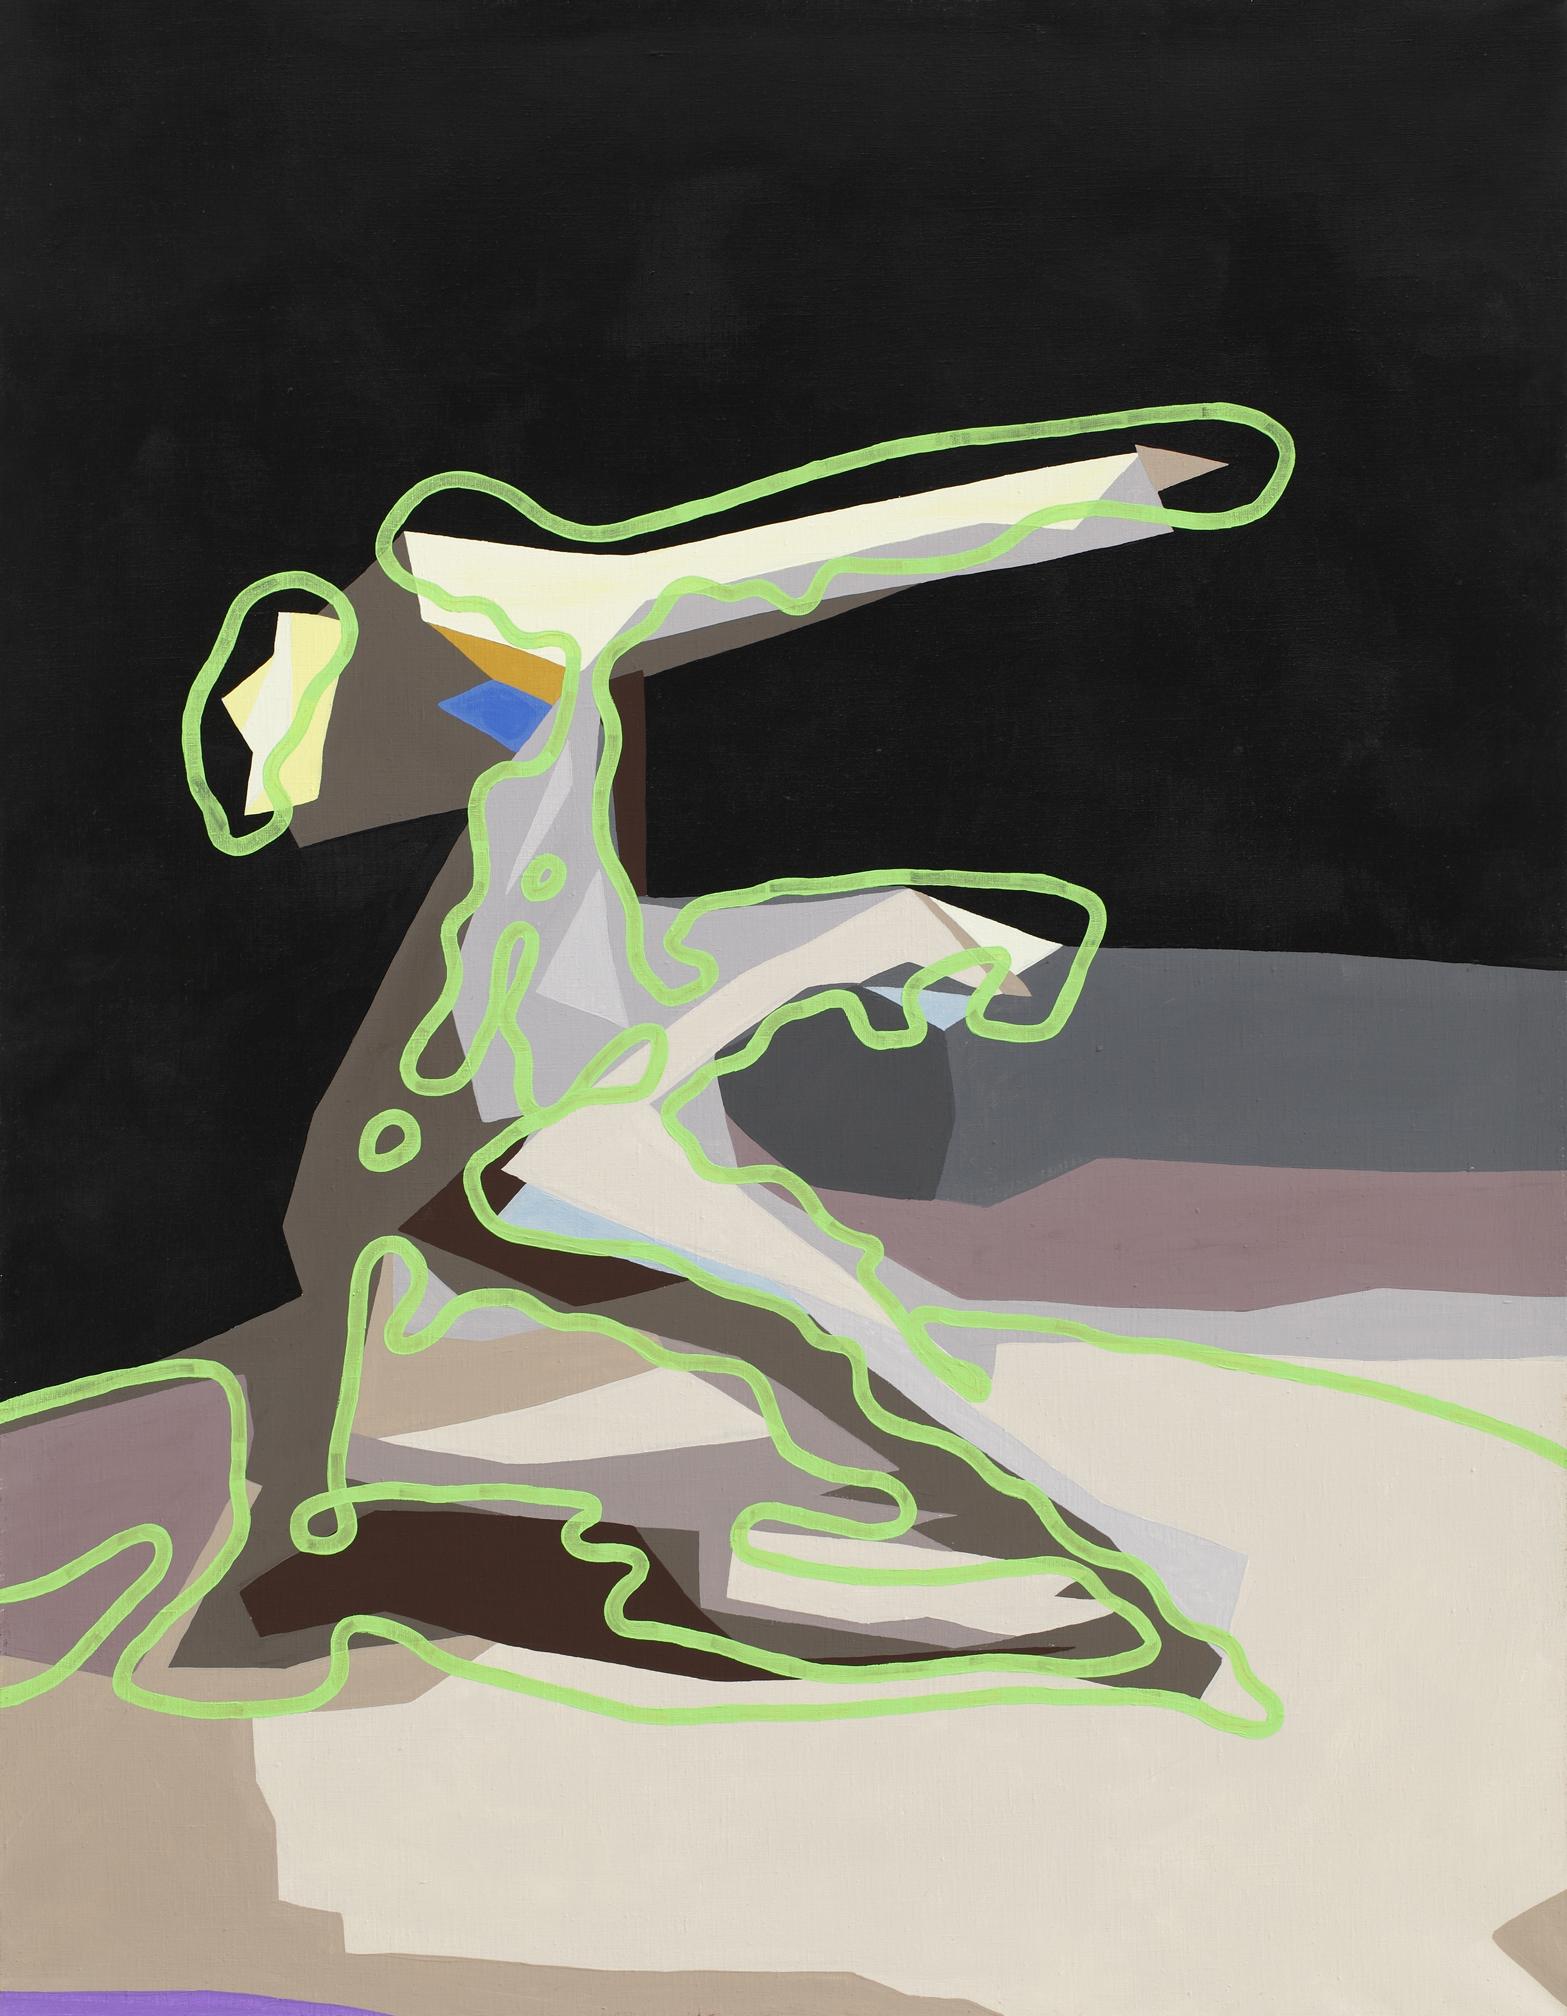 Sixstep, 2004, acrylic on canvas, 125 x 105 cm